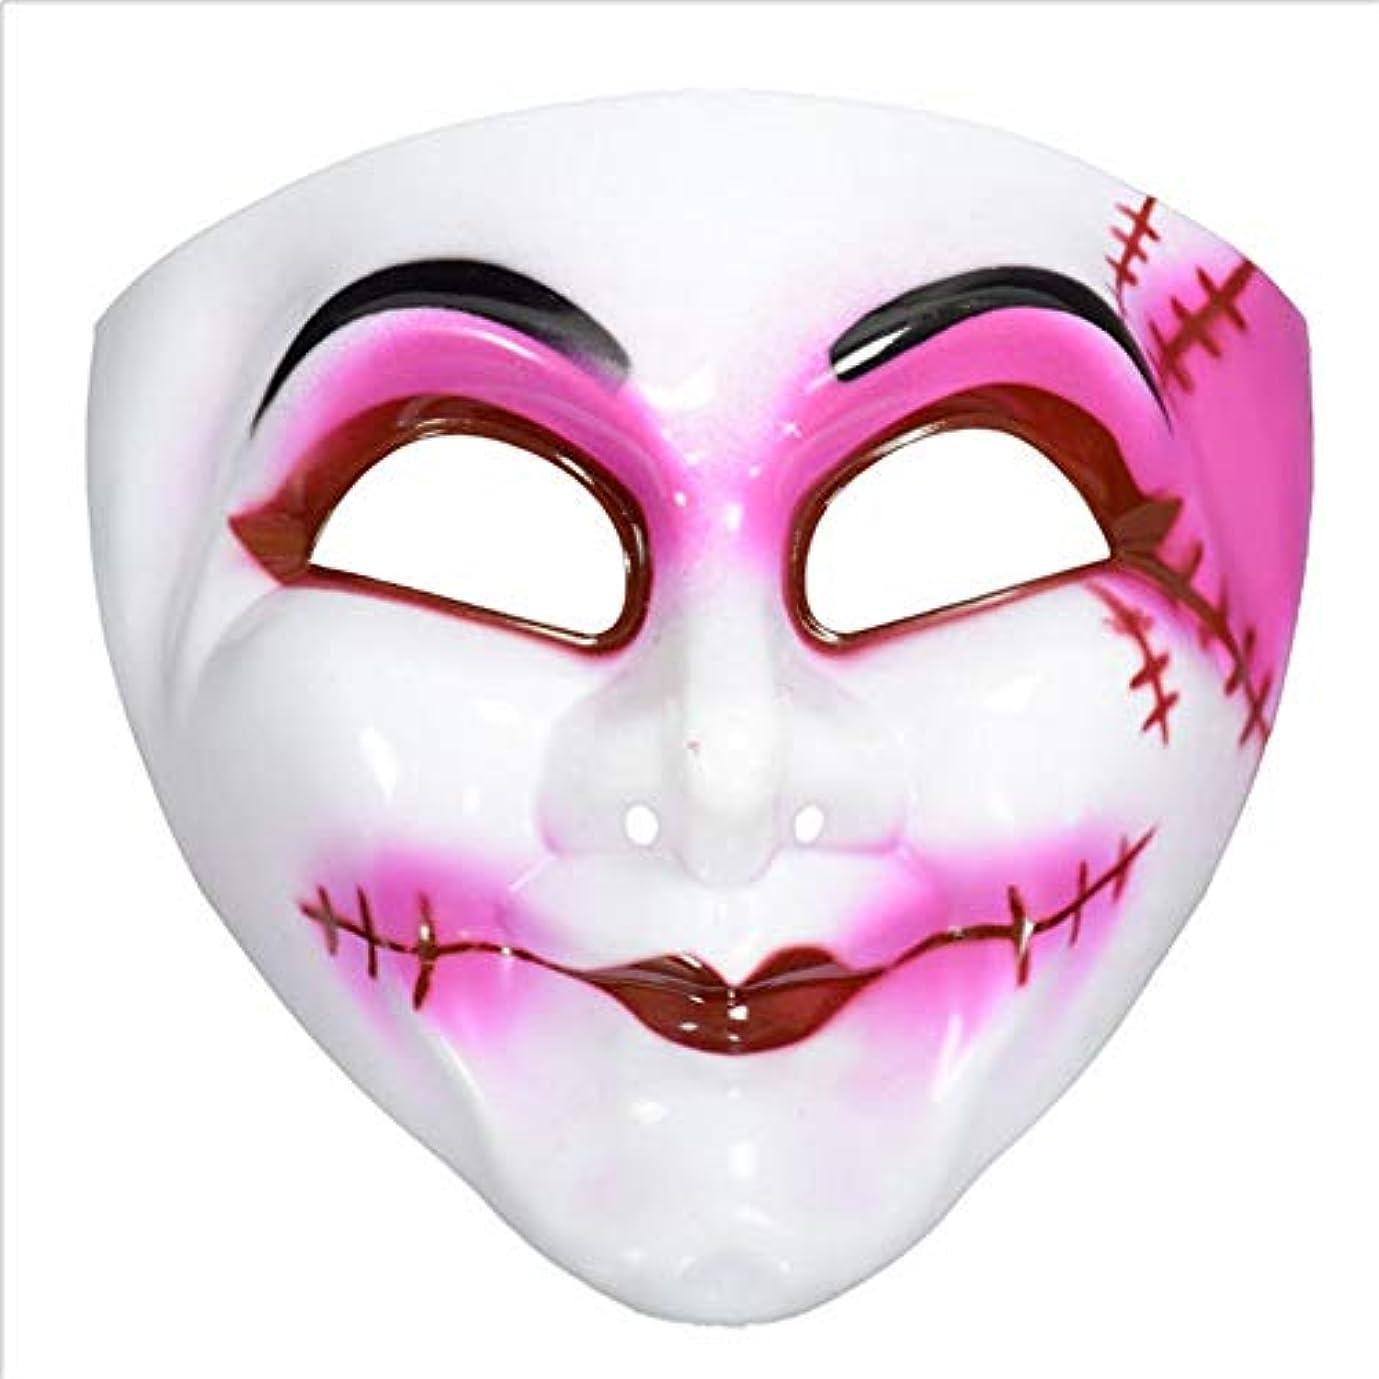 極貧逆ストライドハロウィーンマスク道化師ドレスアップホラースクリーミングフェアリークイーンマスク仮装ショーマスクホラー面白いフェイスマスク